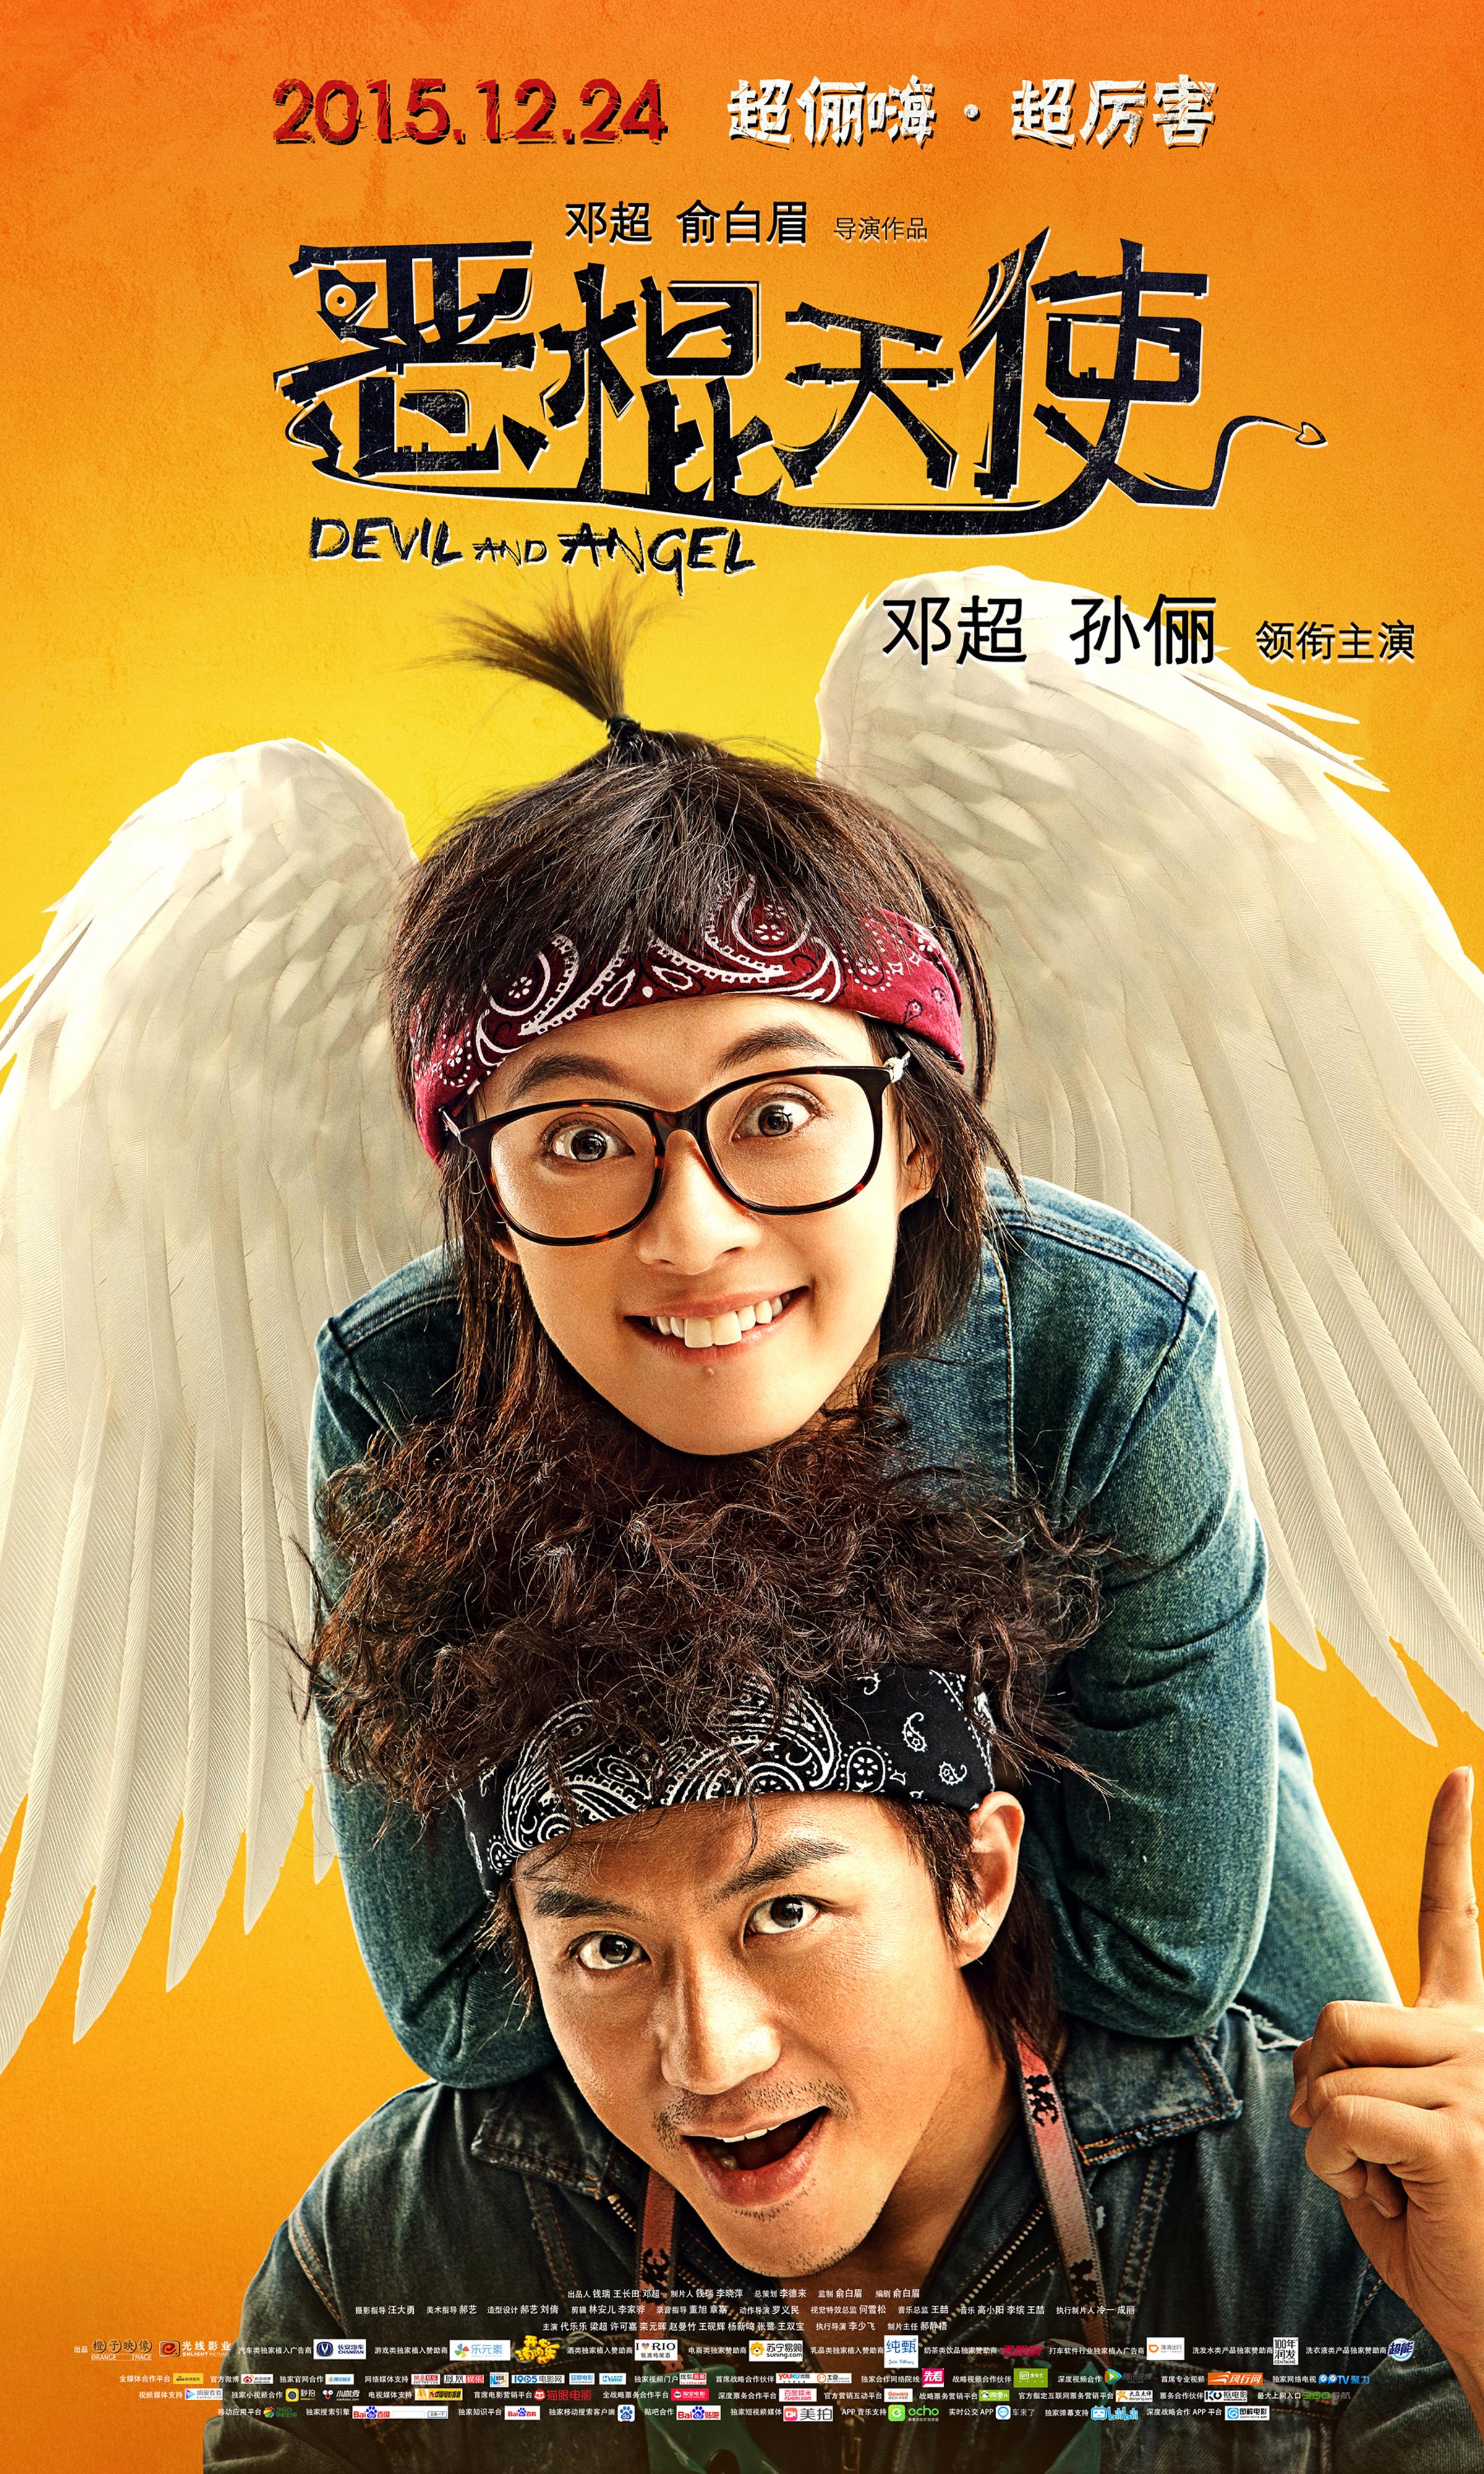 Image E gun tian shi Watch Full Movie Free Online